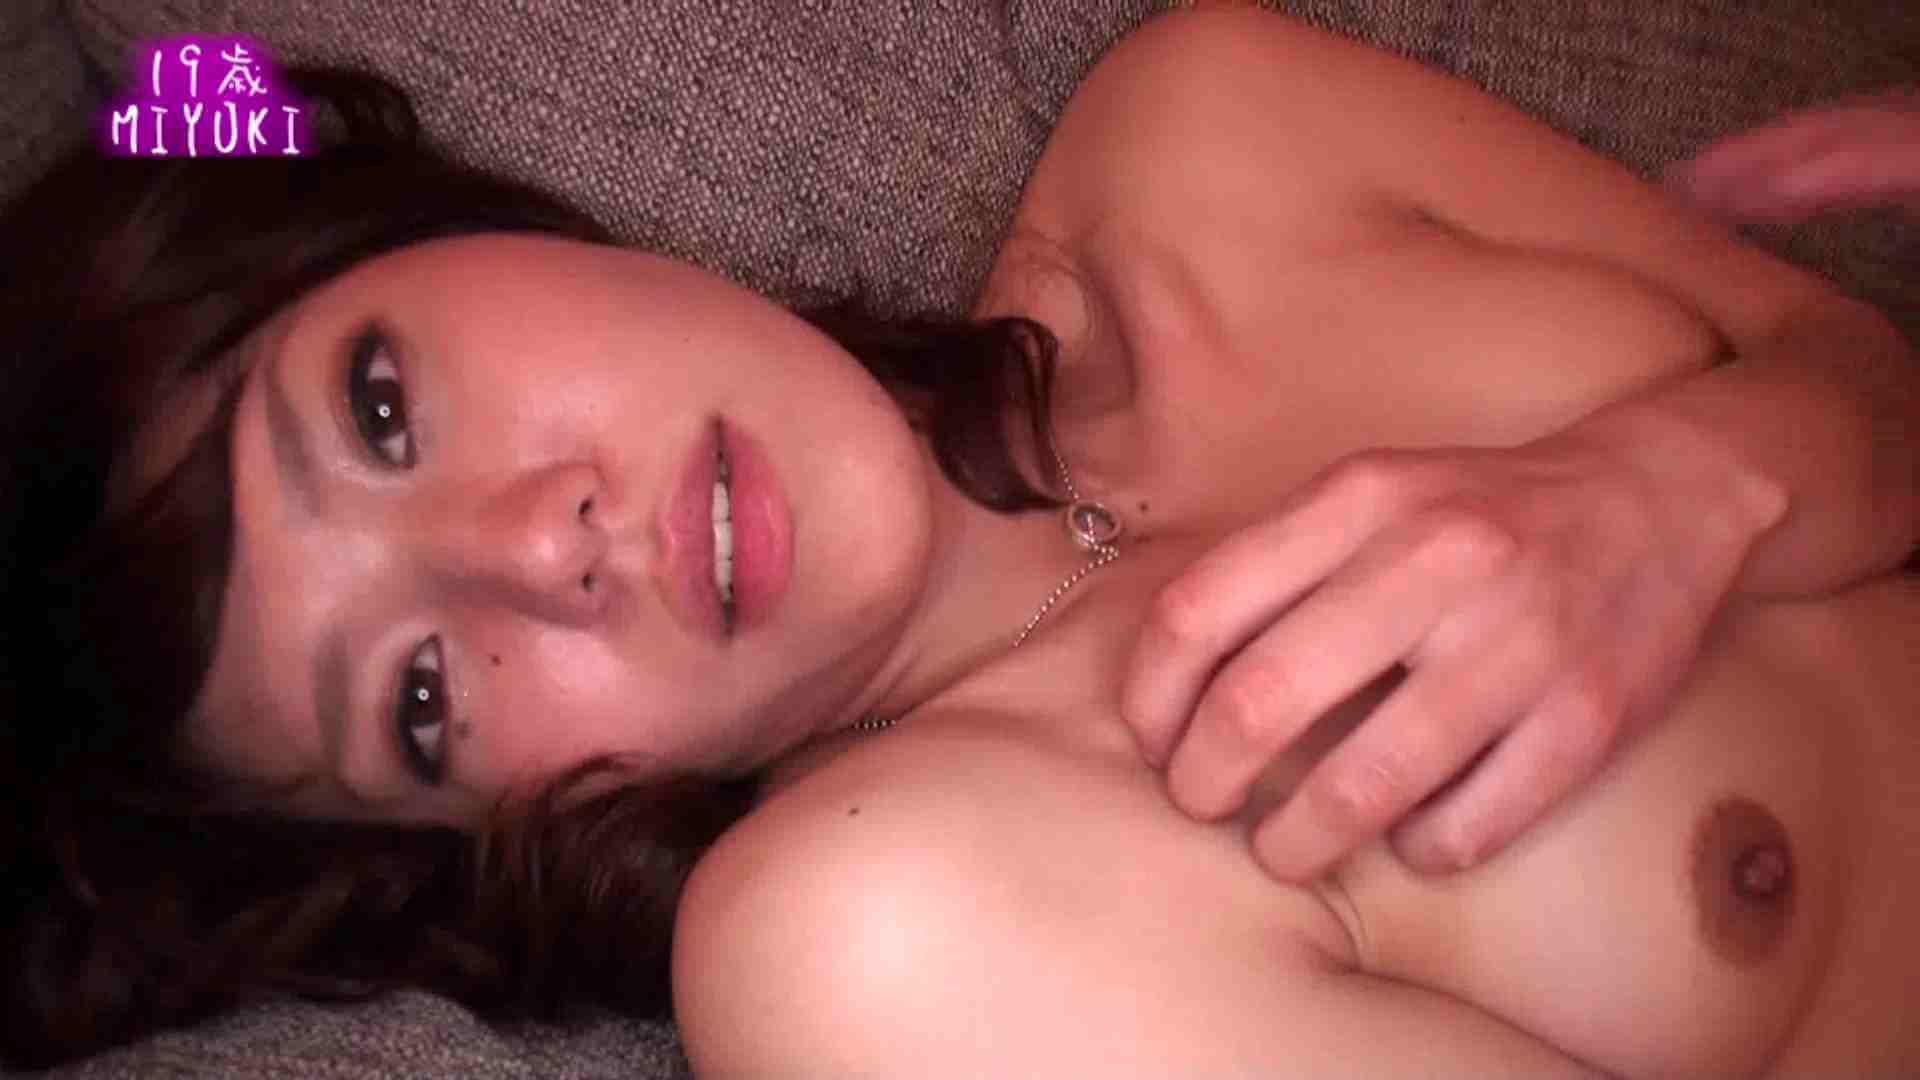 遂に解禁!!MIYUKIちゃんの柔らかいおっぱい ギャル達のおっぱい | メーカー直接買い取り  88画像 31